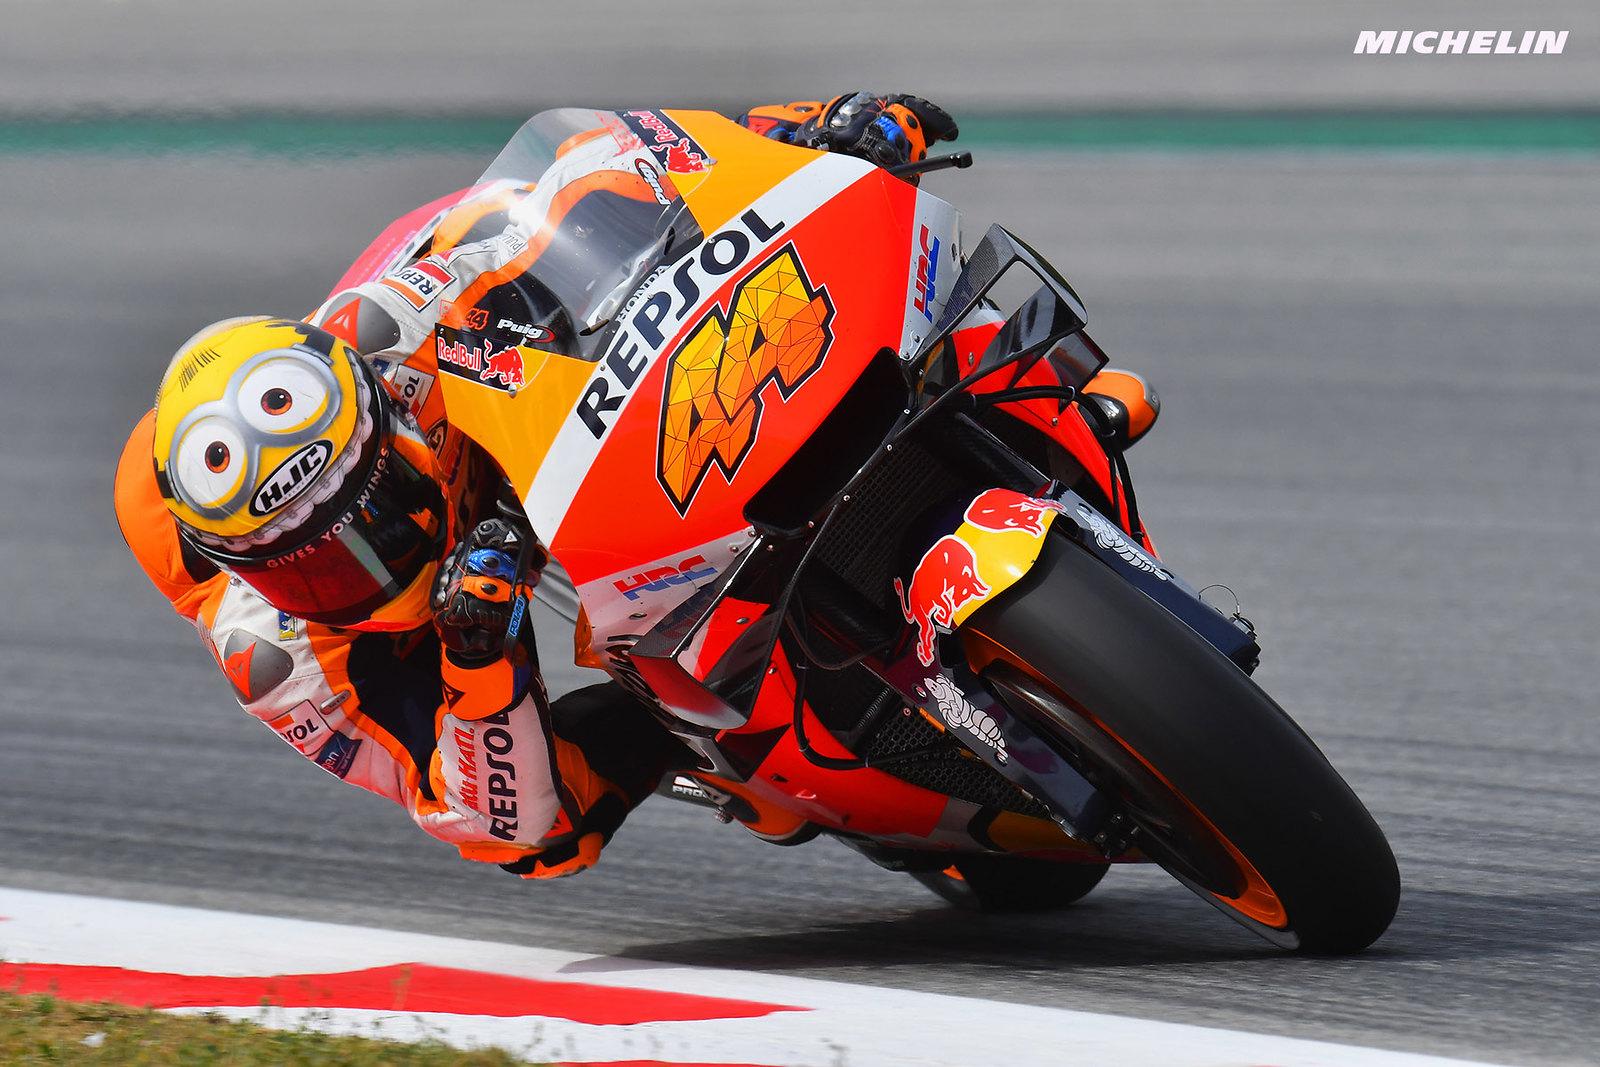 MotoGP2021カタルーニャGP 初日総合10位ポル・エスパルガロ「ソフトタイヤの活用が出来ていない」